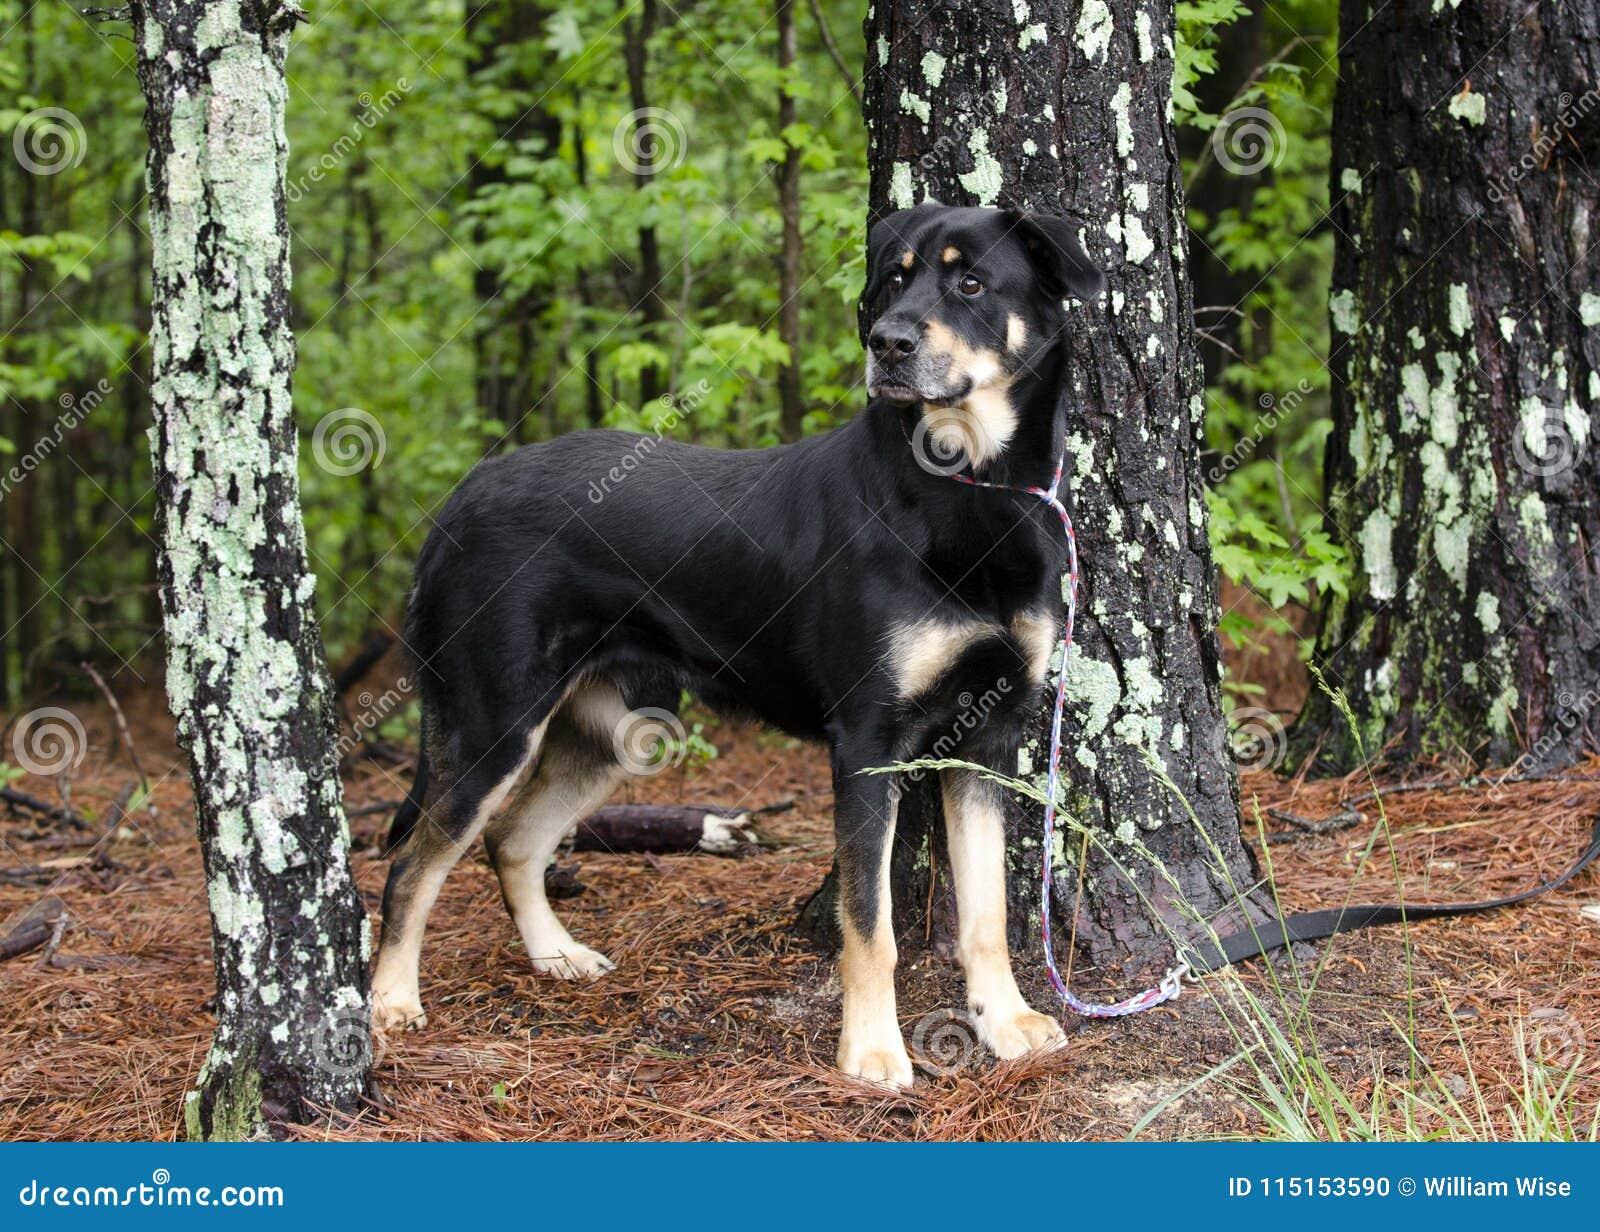 Rottweiler baca mieszał traken psią pozycję w drzewach na smyczu, zwierzę domowe adopci ratownicza fotografia